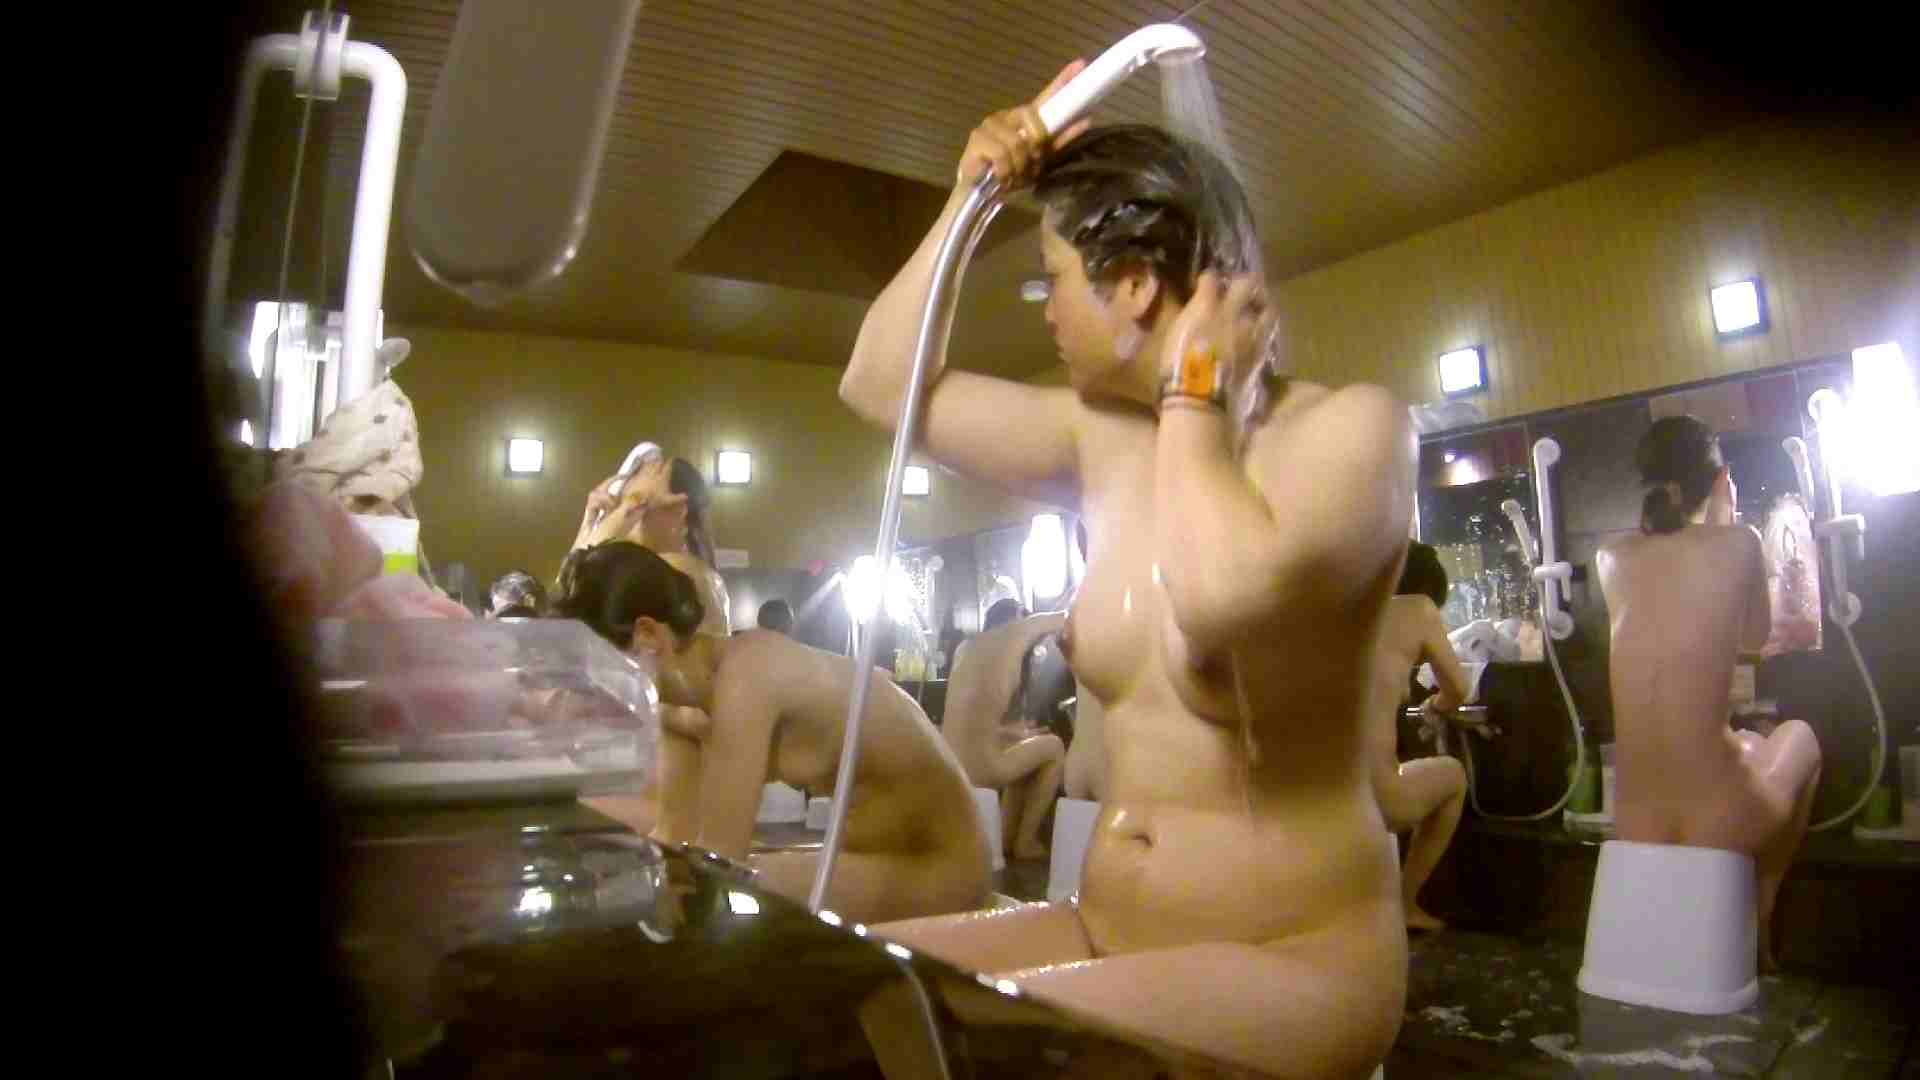 微妙な二人と立ち姿女体のオムニバス 銭湯着替え アダルト動画キャプチャ 59画像 44